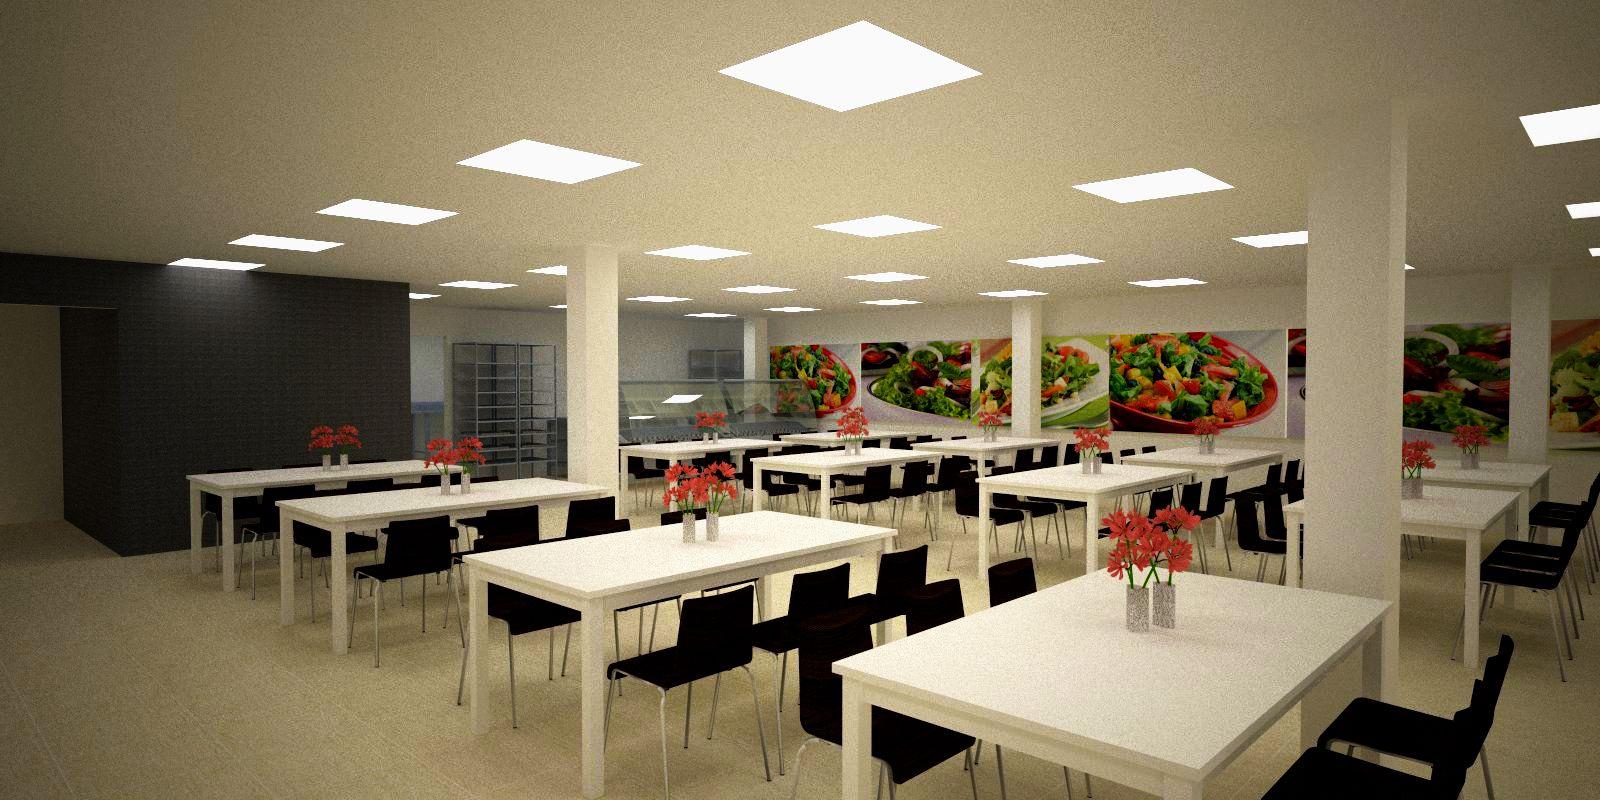 Dise o de comedor industrial para seglo logistics planta for Concepto de comedor industrial